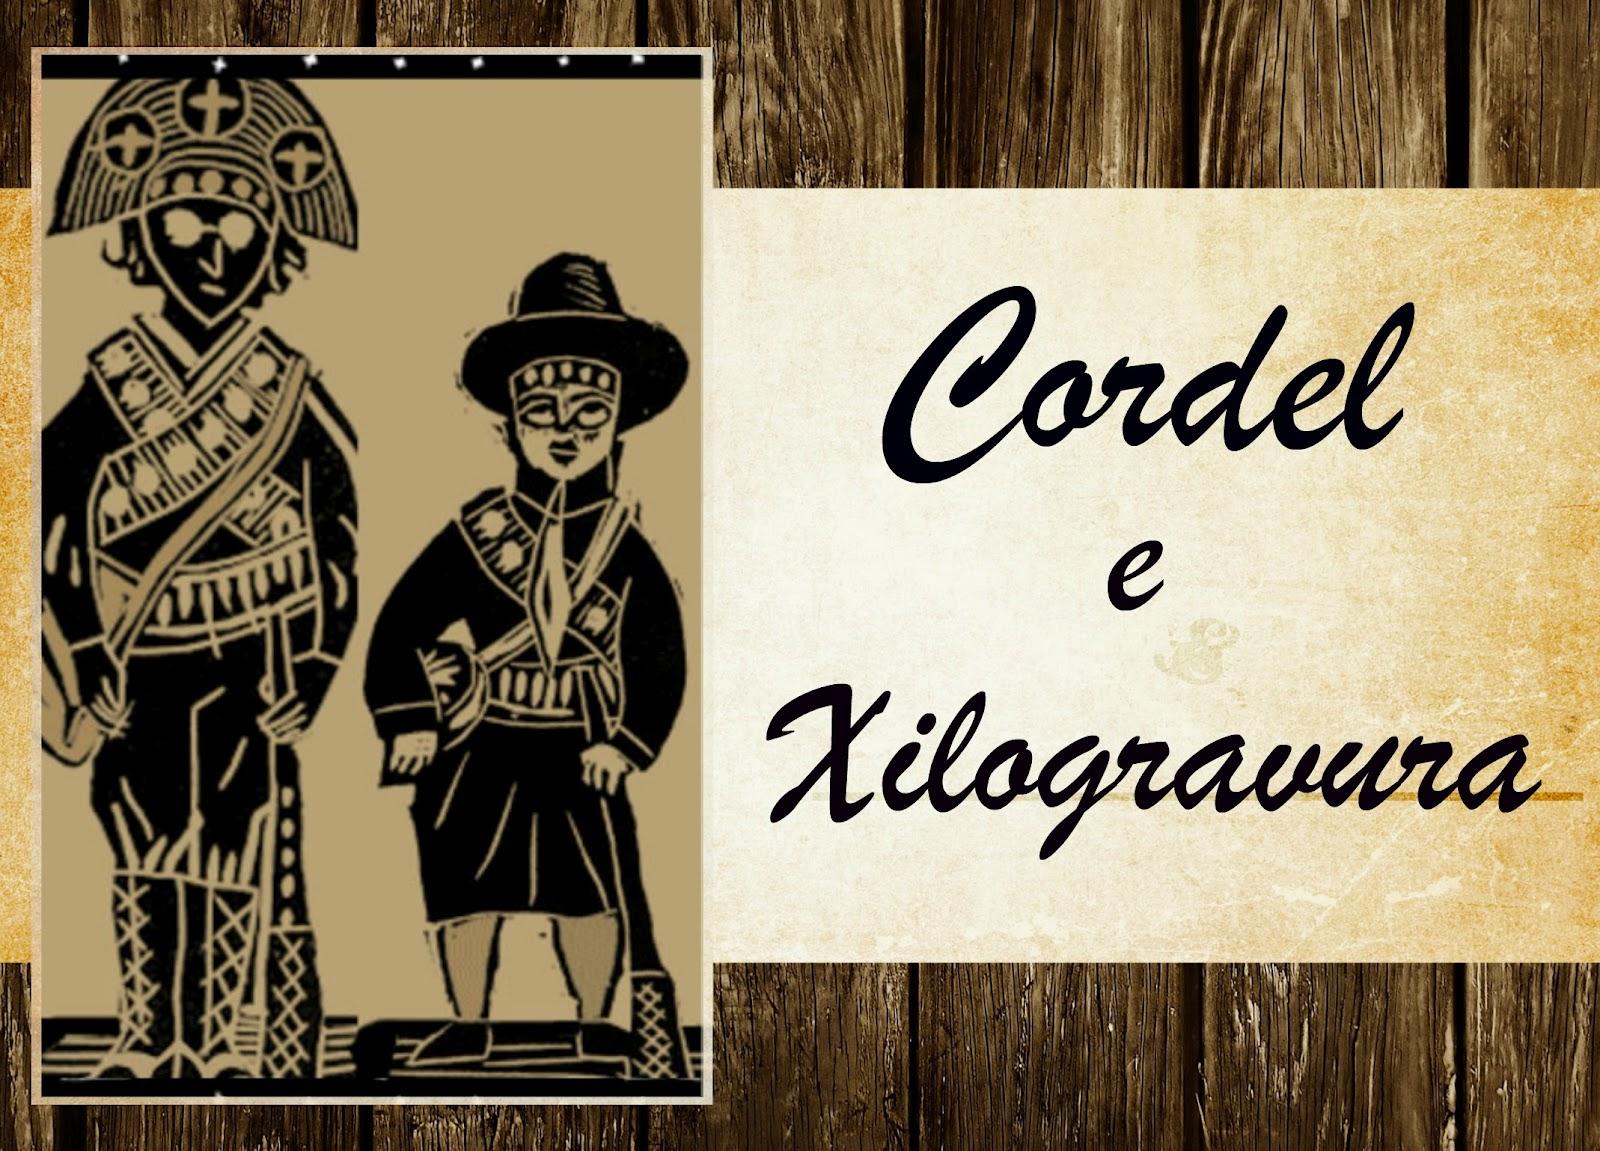 VENTO NORDESTE: CORDEL E XILOGRAVURA